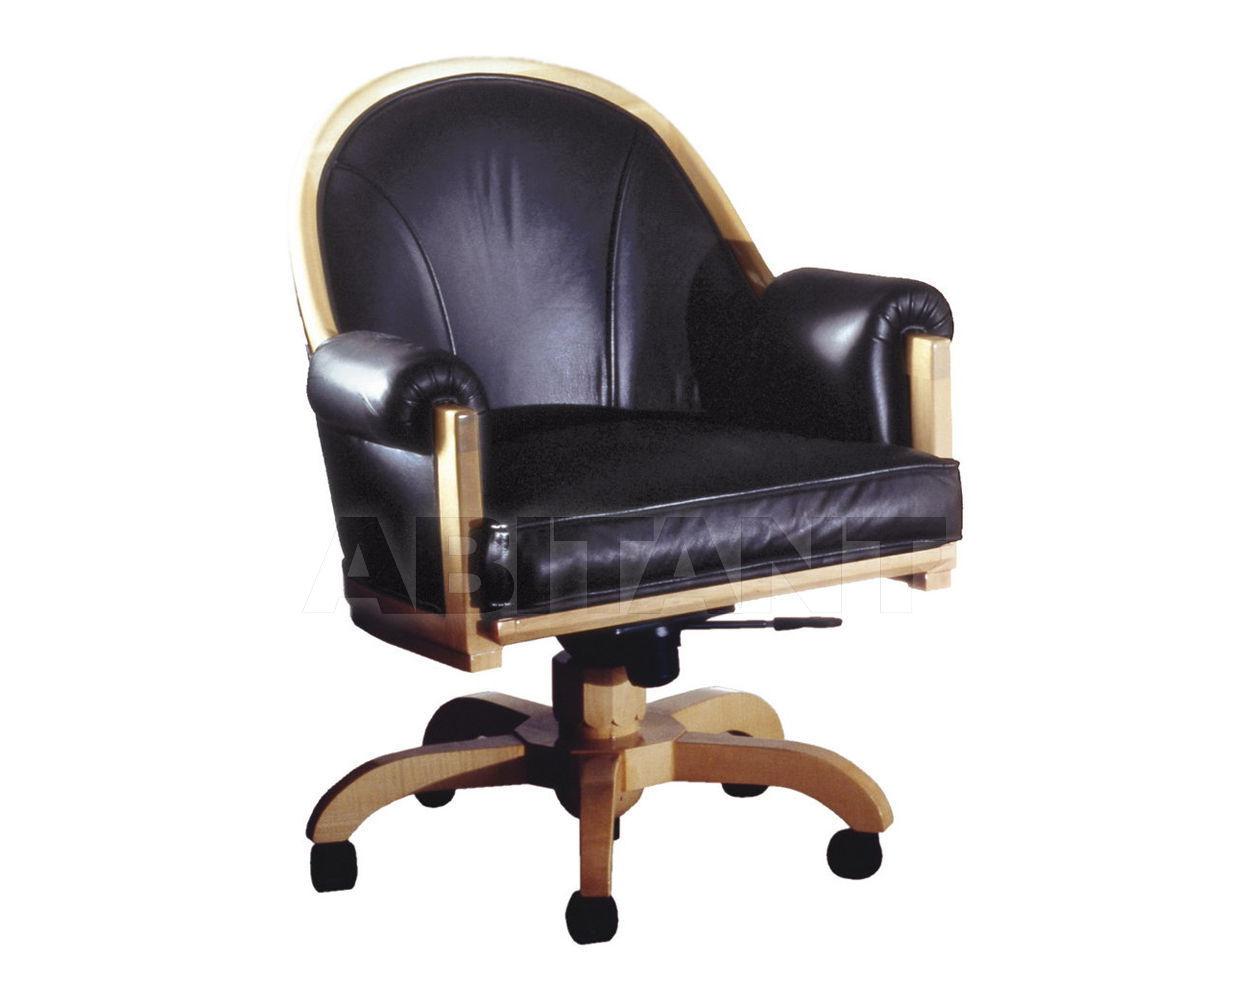 Купить Кресло для кабинета Colombostile s.p.a. 2010 0137 PL2